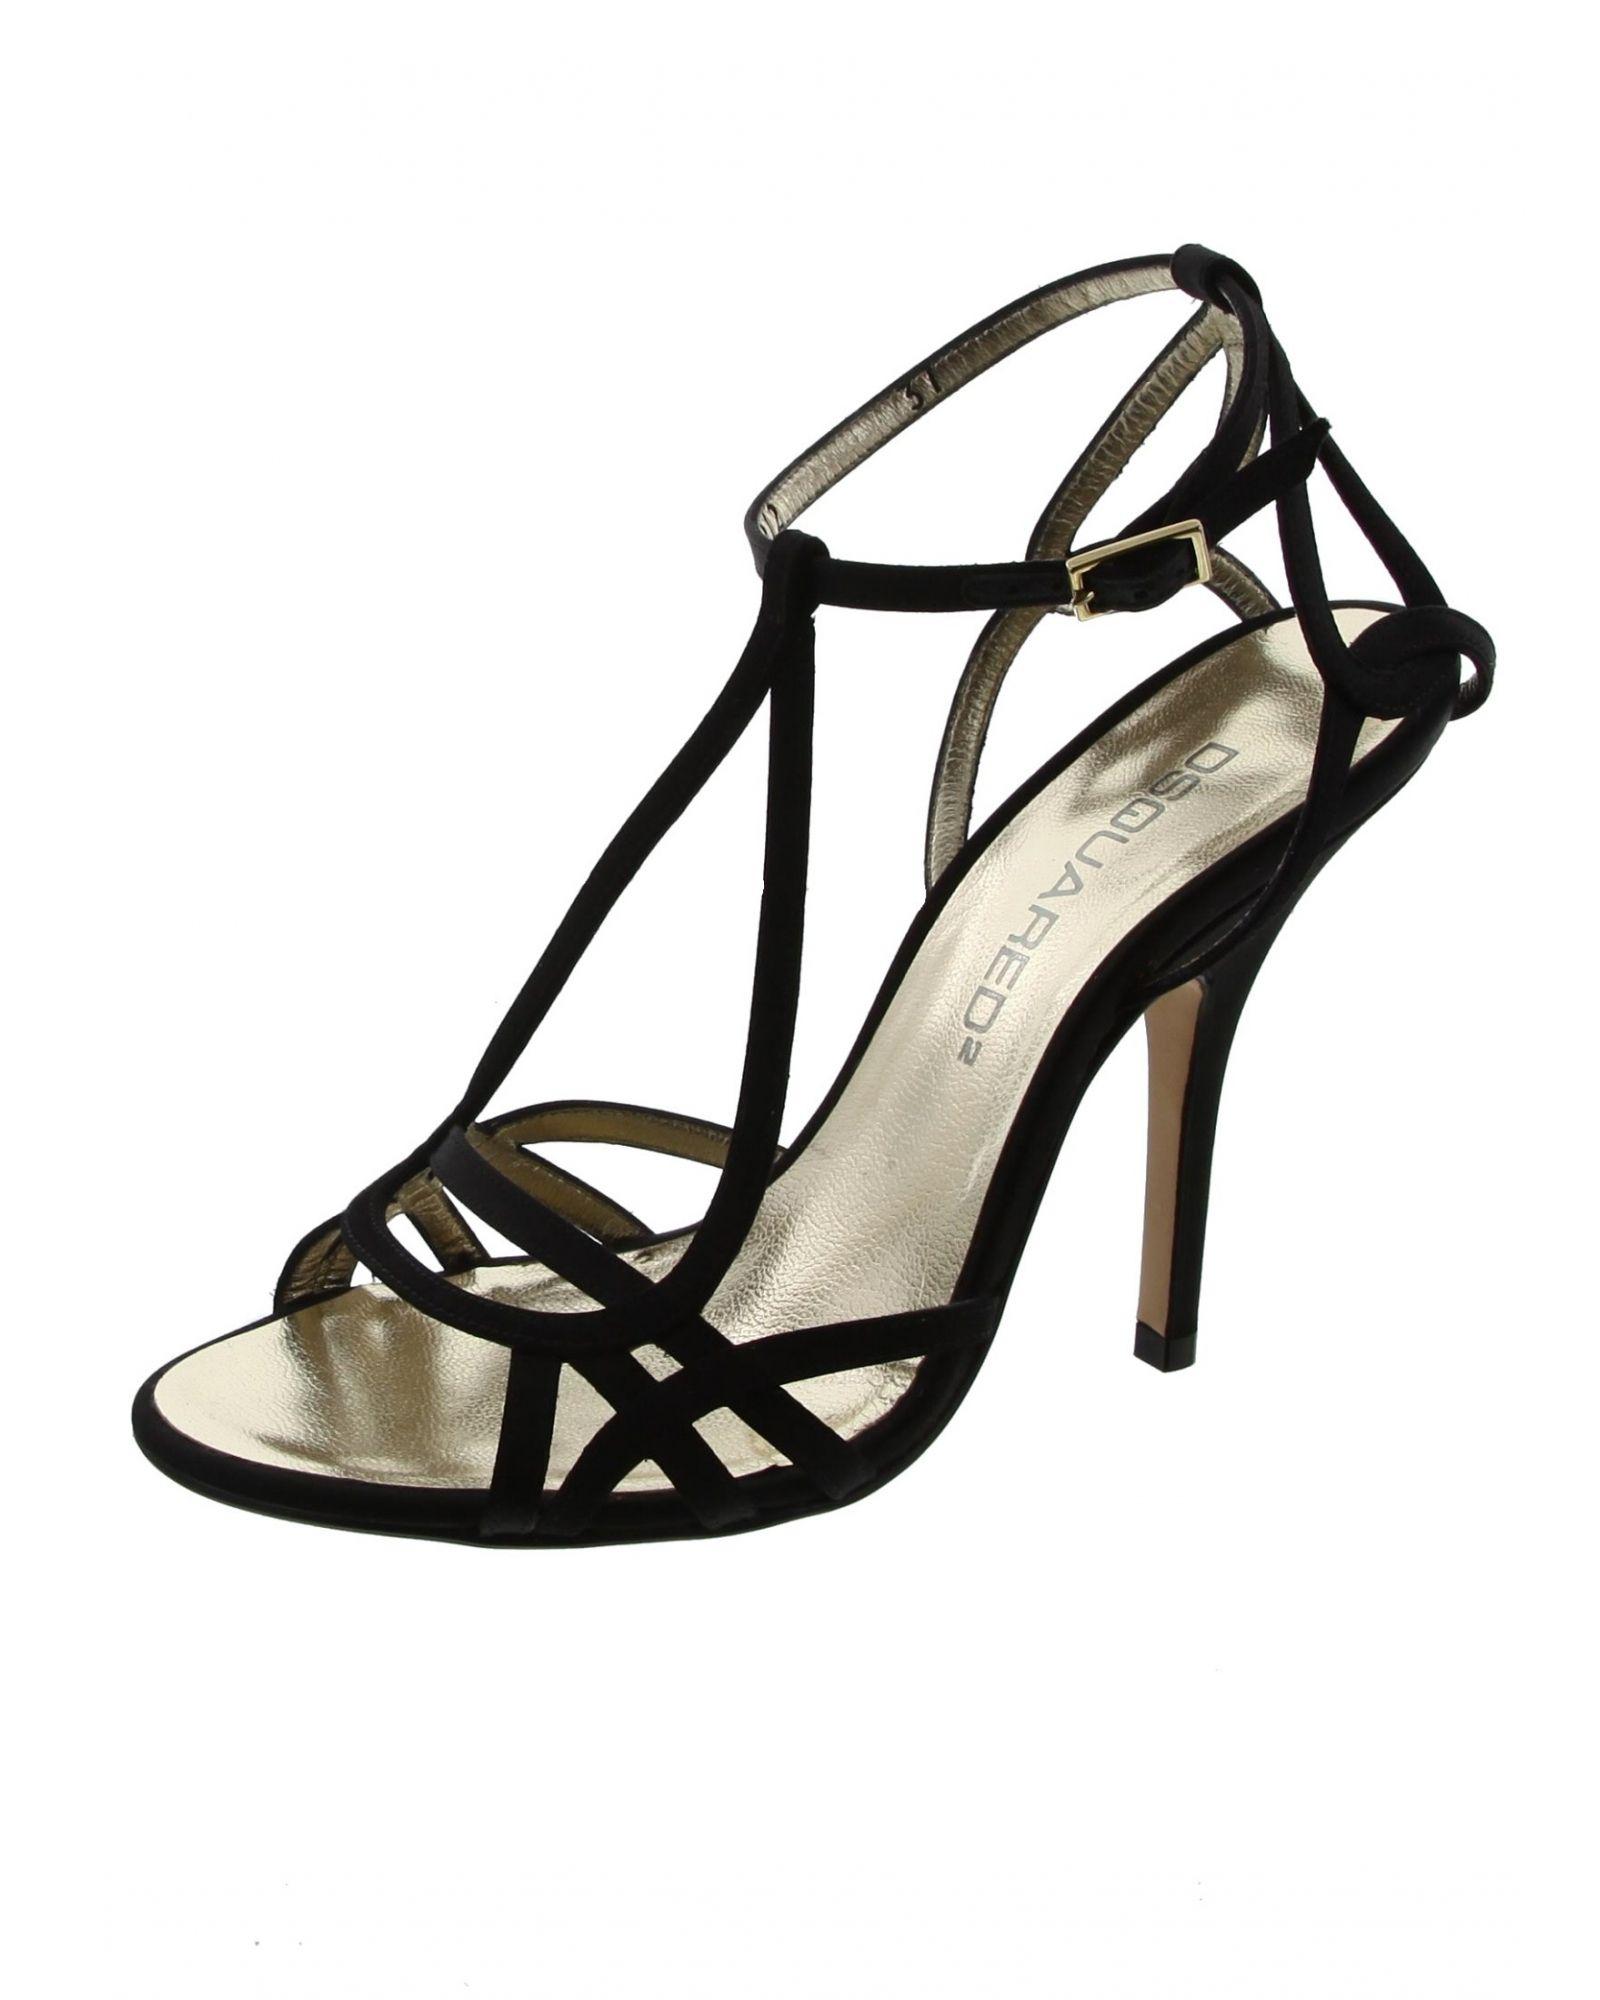 Sandale en satin noir LIU JO